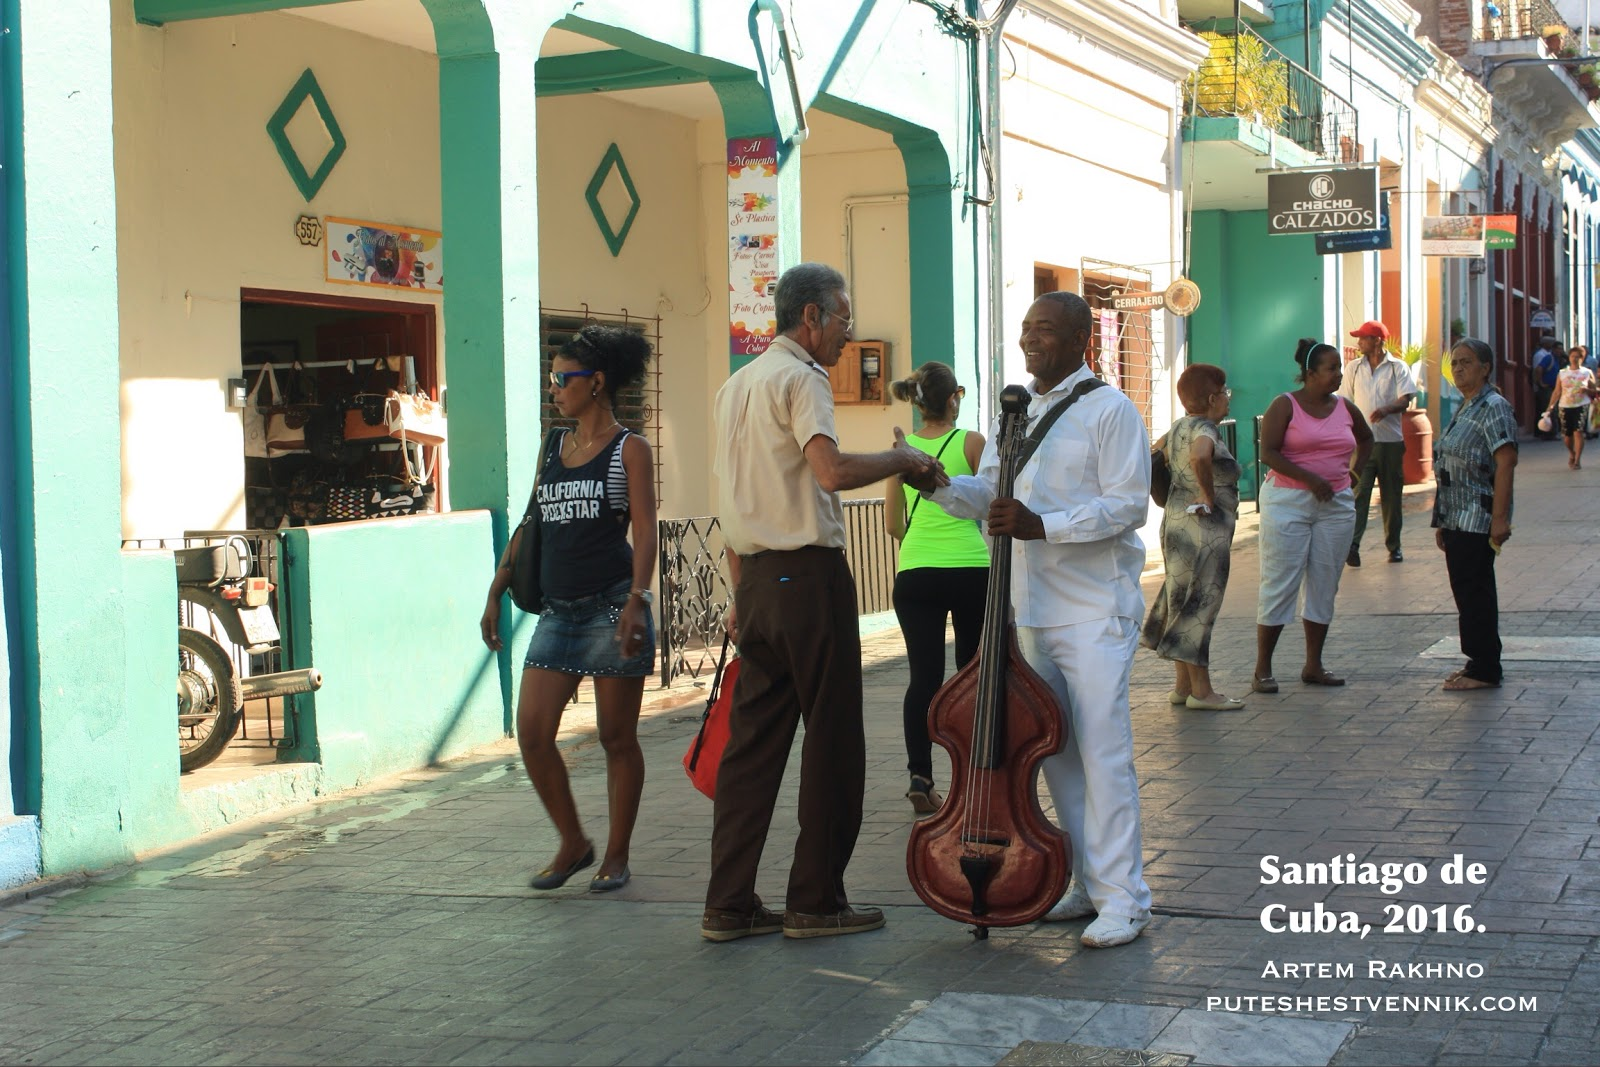 Музыкант приветствует друга на улице в Сантьяго